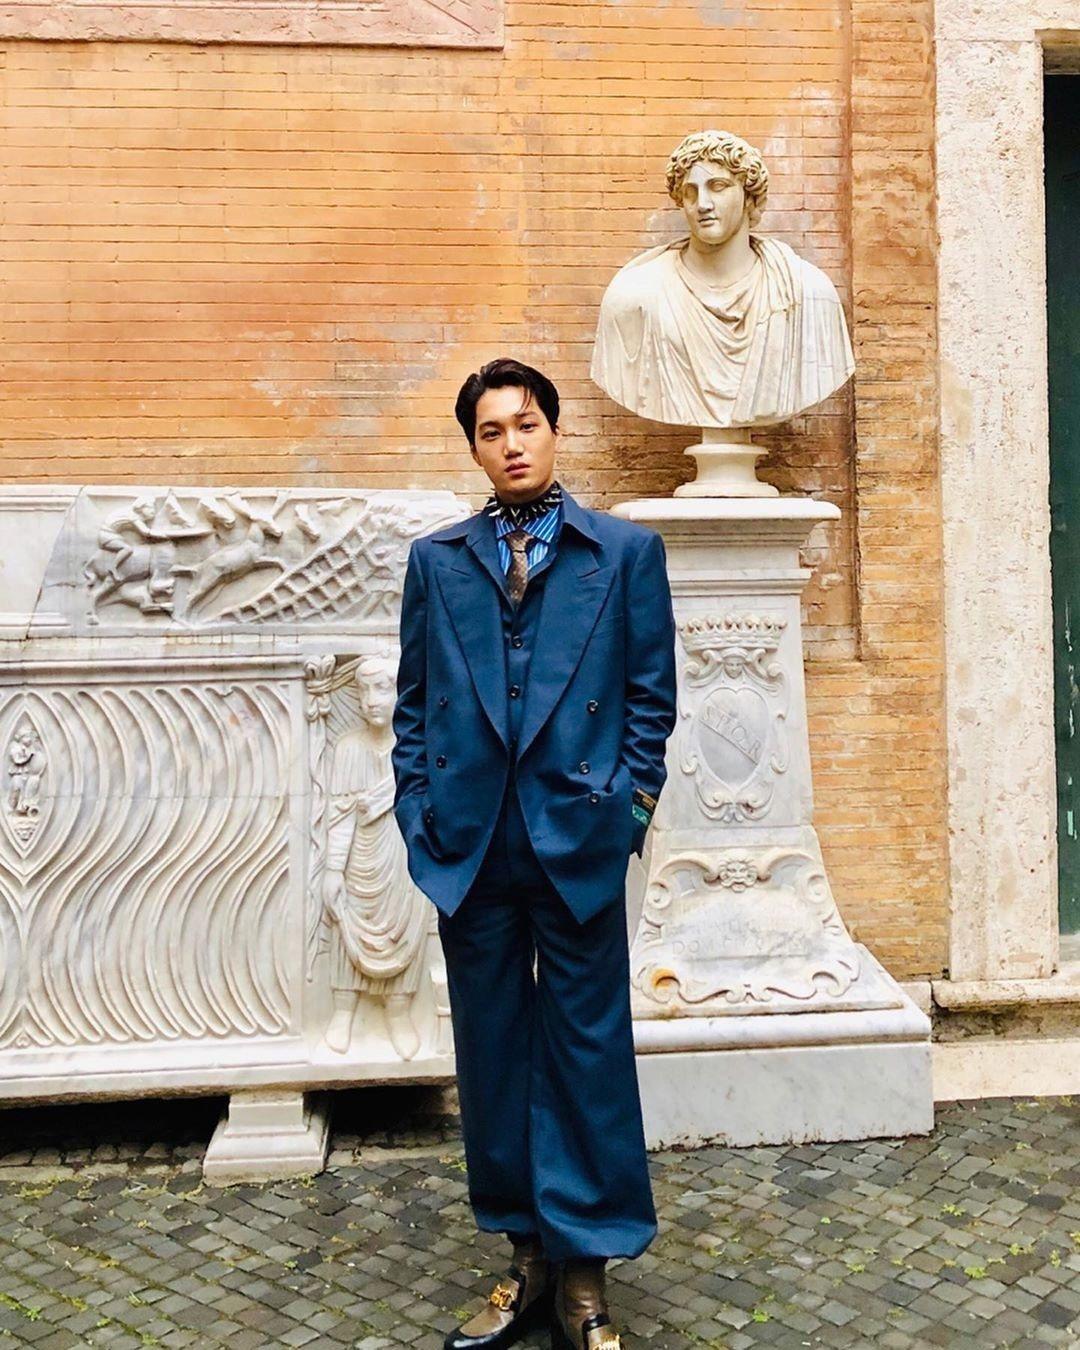 韓星金鍾仁以深藍色西裝現身的他還配戴了尖銳帥氣的鉚釘頸鍊,一身混搭可以說是超級搶...